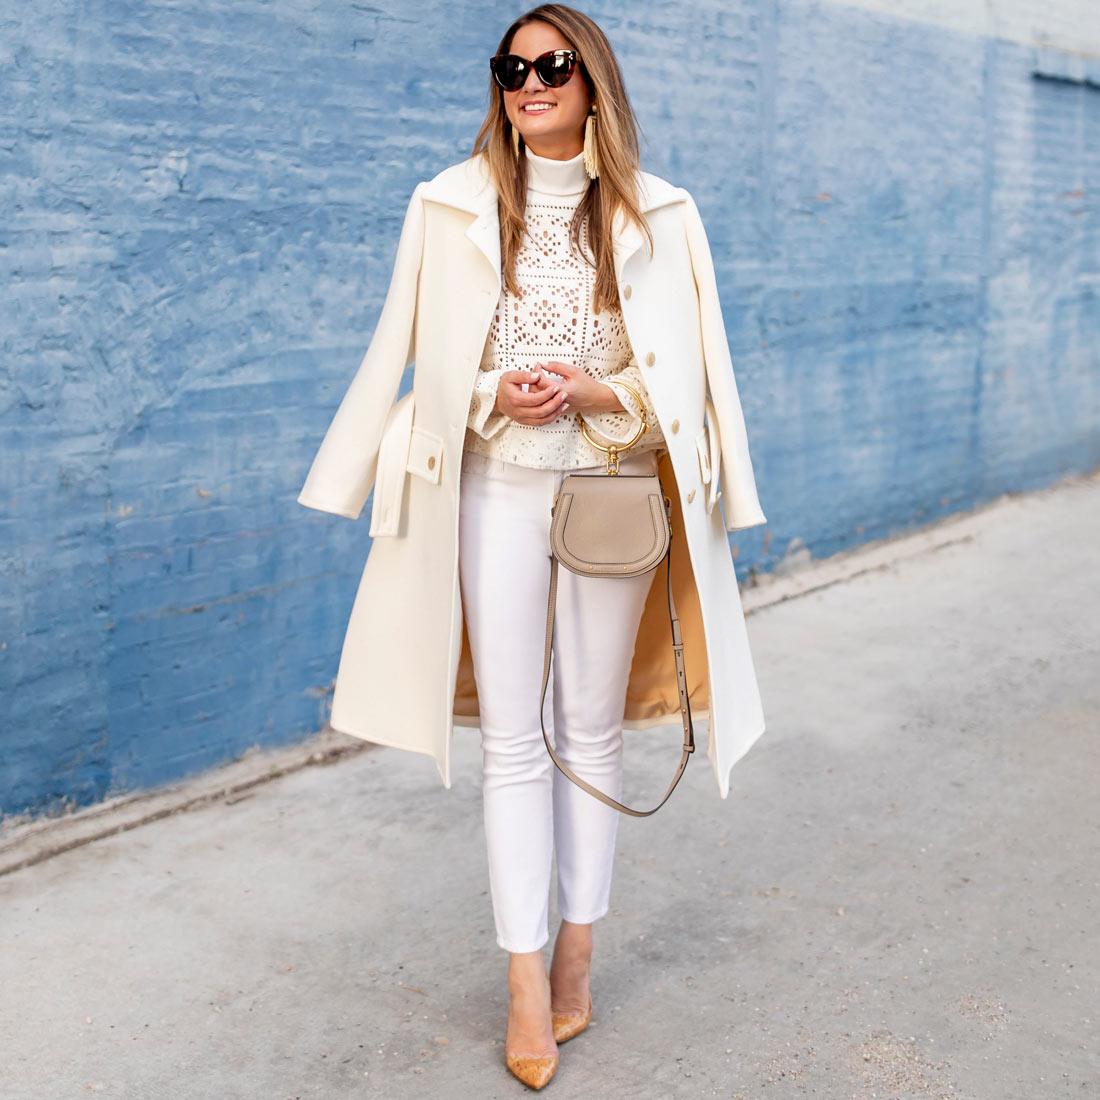 Style Charade Ivory Coat